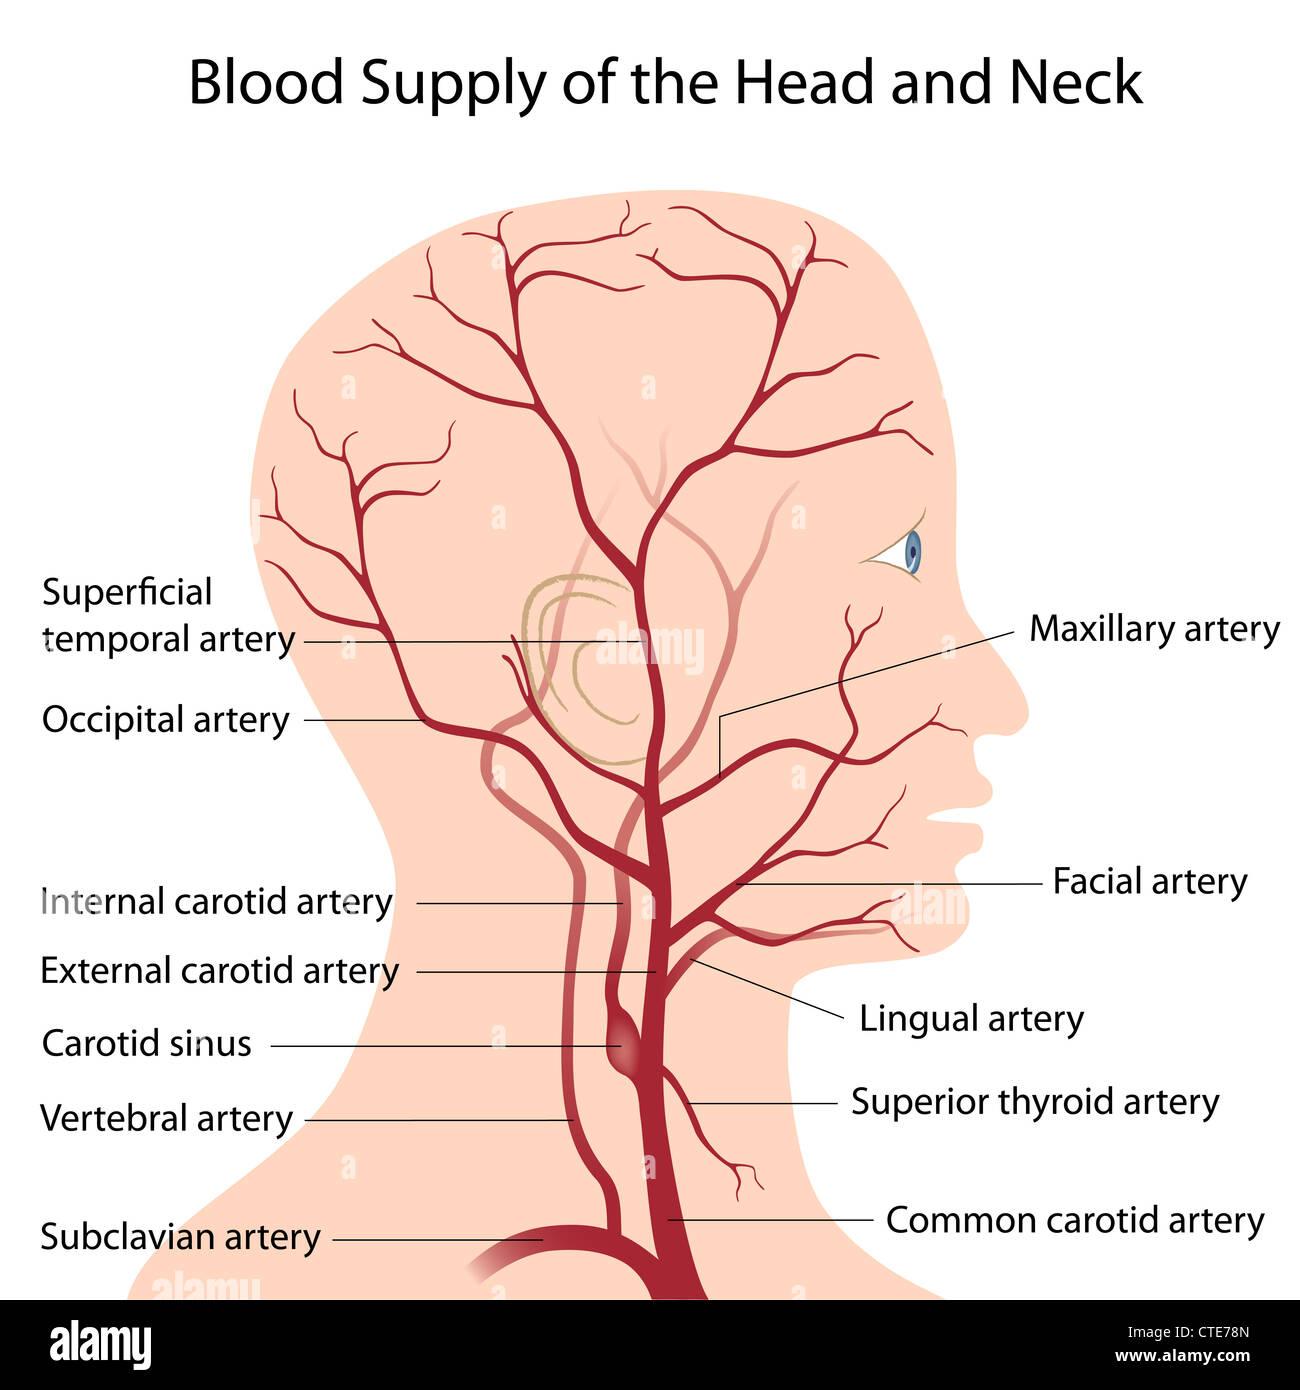 Blutversorgung von Kopf und Hals Stockfoto, Bild: 49485541 - Alamy